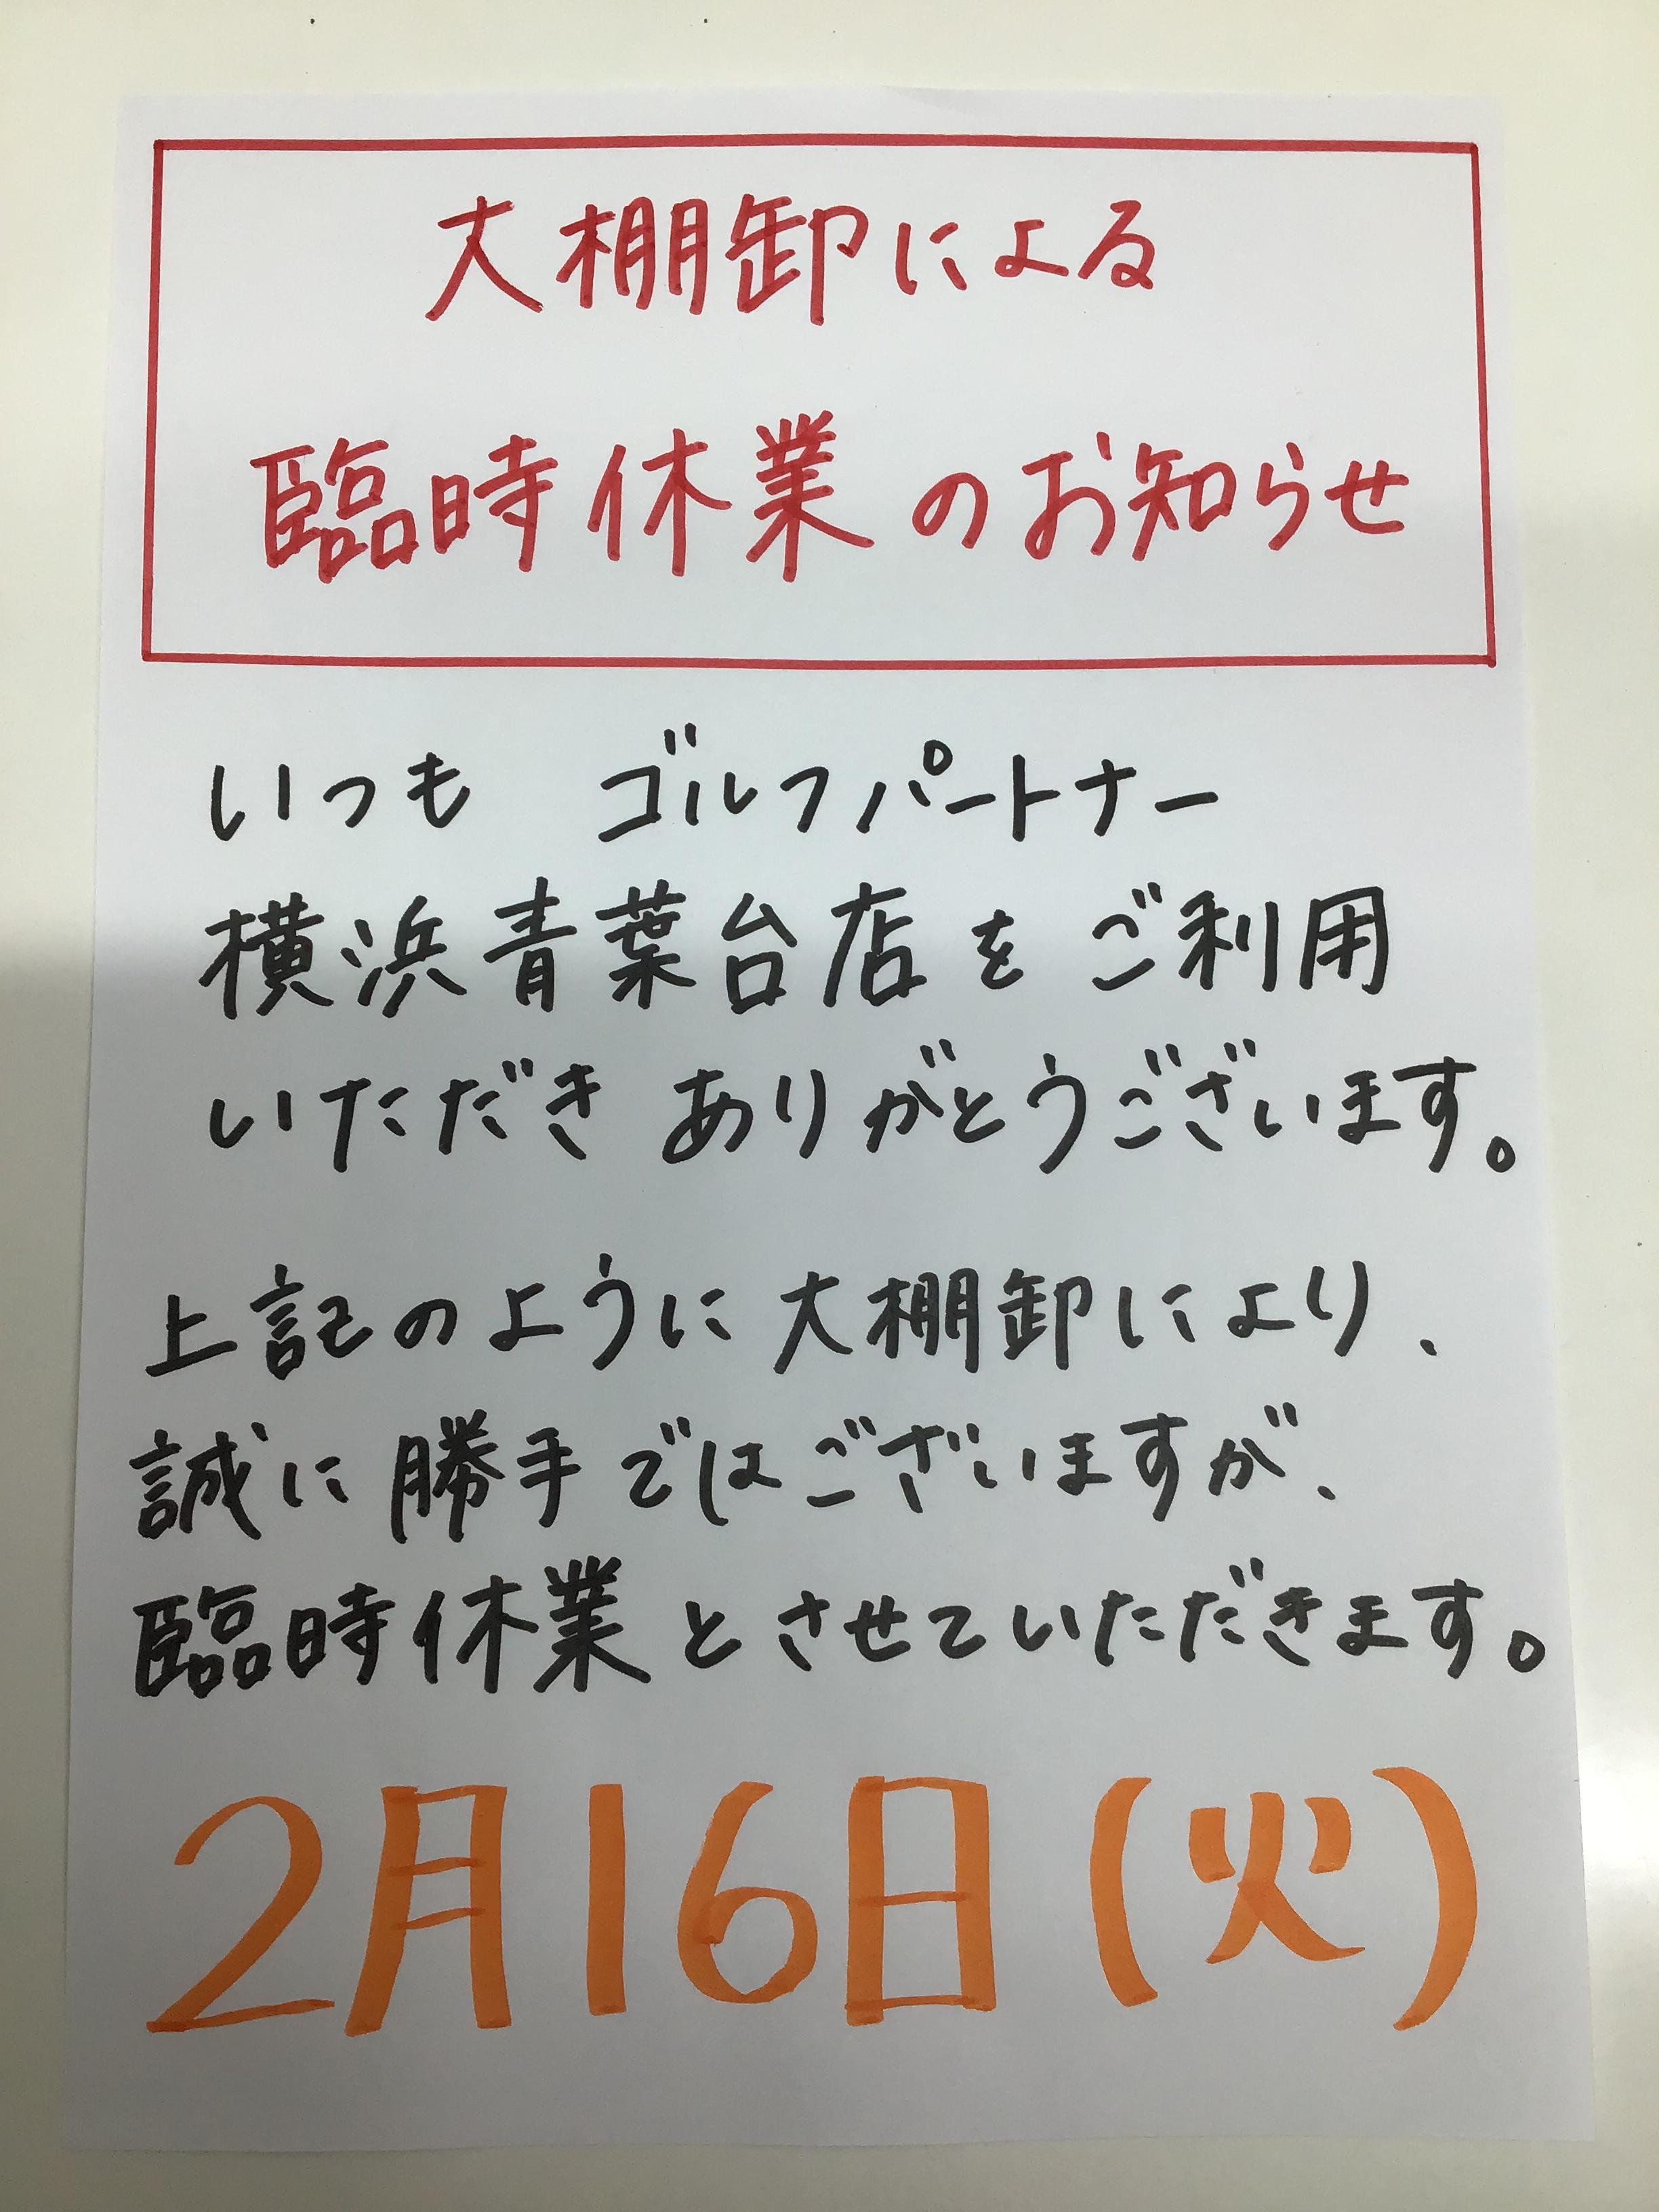 明日2/16(火)臨時休業です!